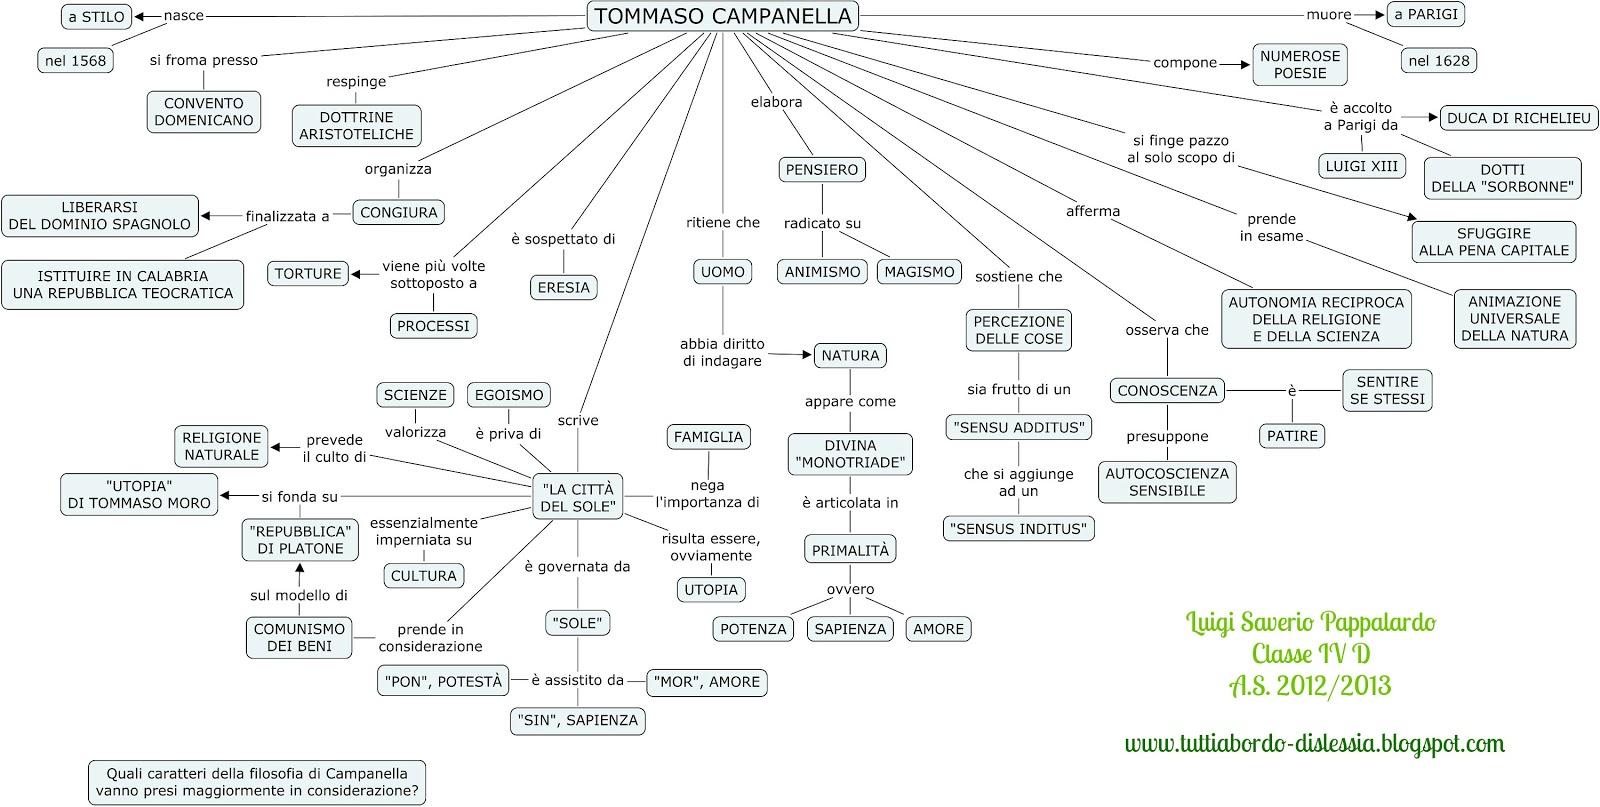 Tommaso Campanella Mappa Concettuale Di Filosofia